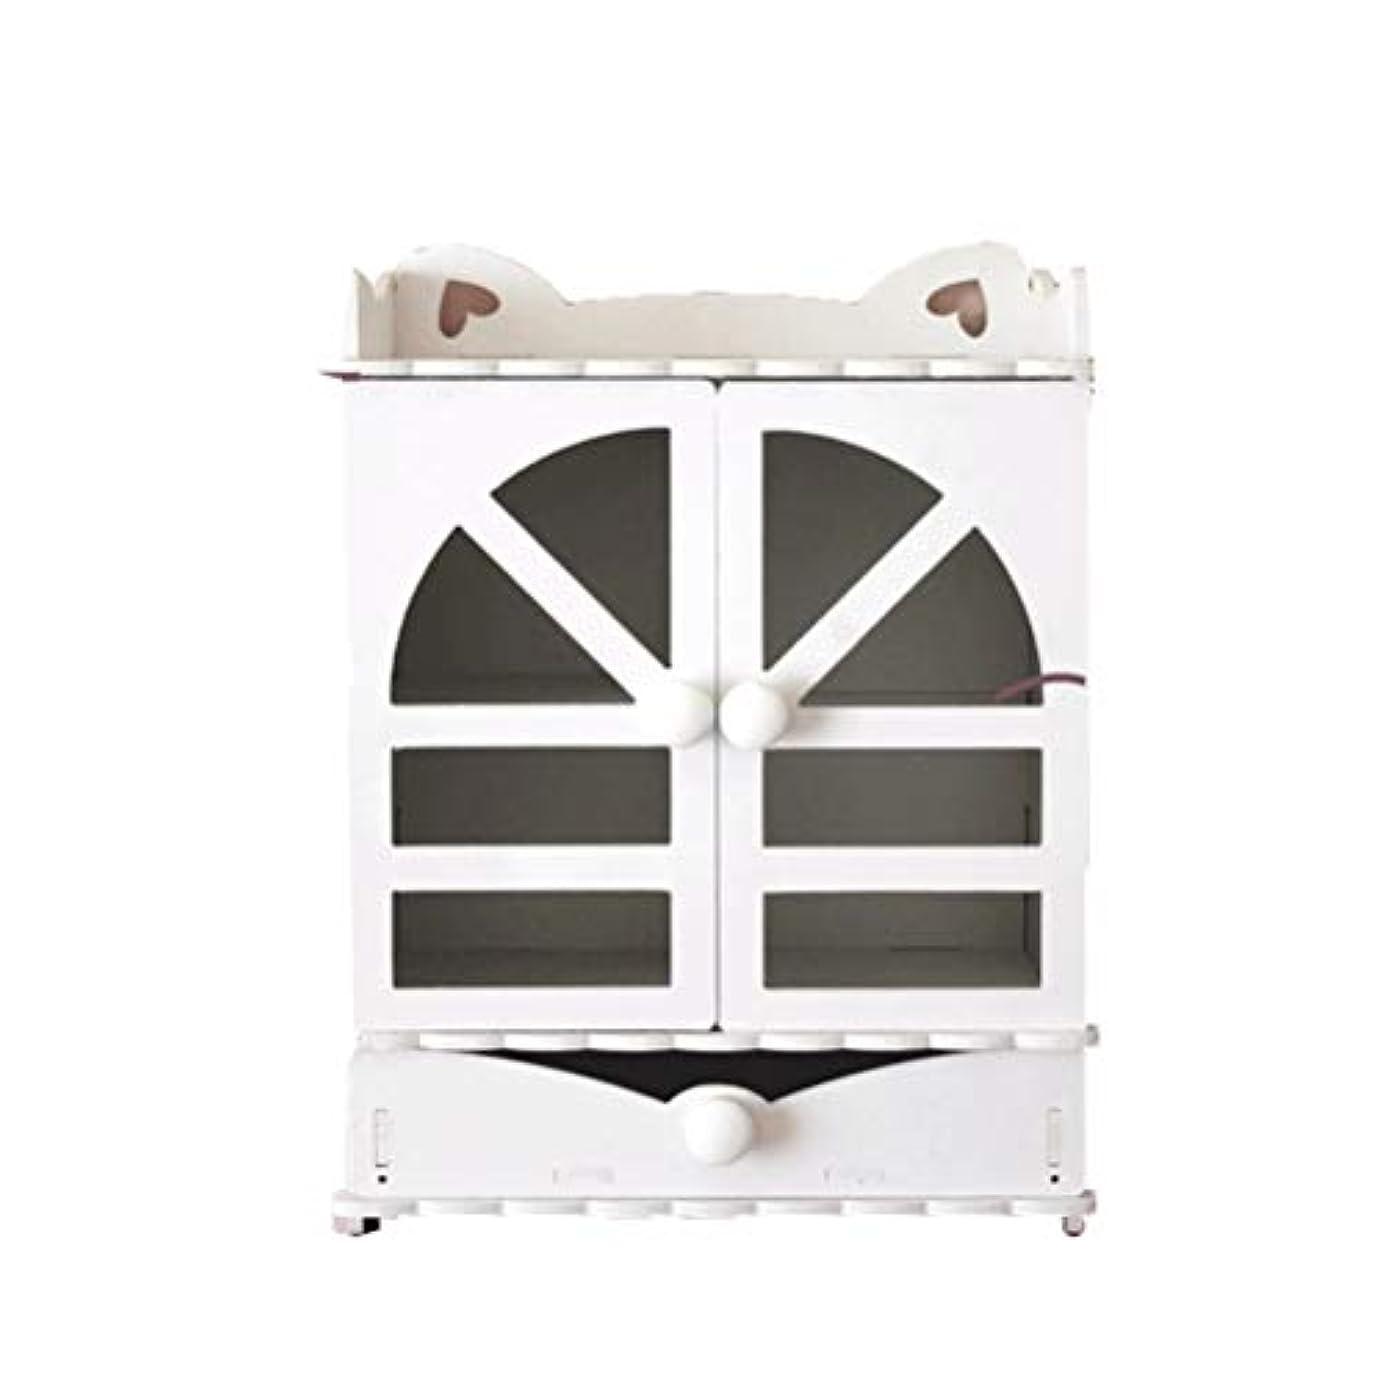 しつけ雨の考え化粧品収納ボックス 大容量 メイクボックス コスメ収納 卓上収納 蓋付き 引き出し式 収納ボックス 持ち運び 防塵 スキンケア用品入れ 小物入れ ジュエリーケース 家庭用 洗面所 テーブル整理 ハウス型